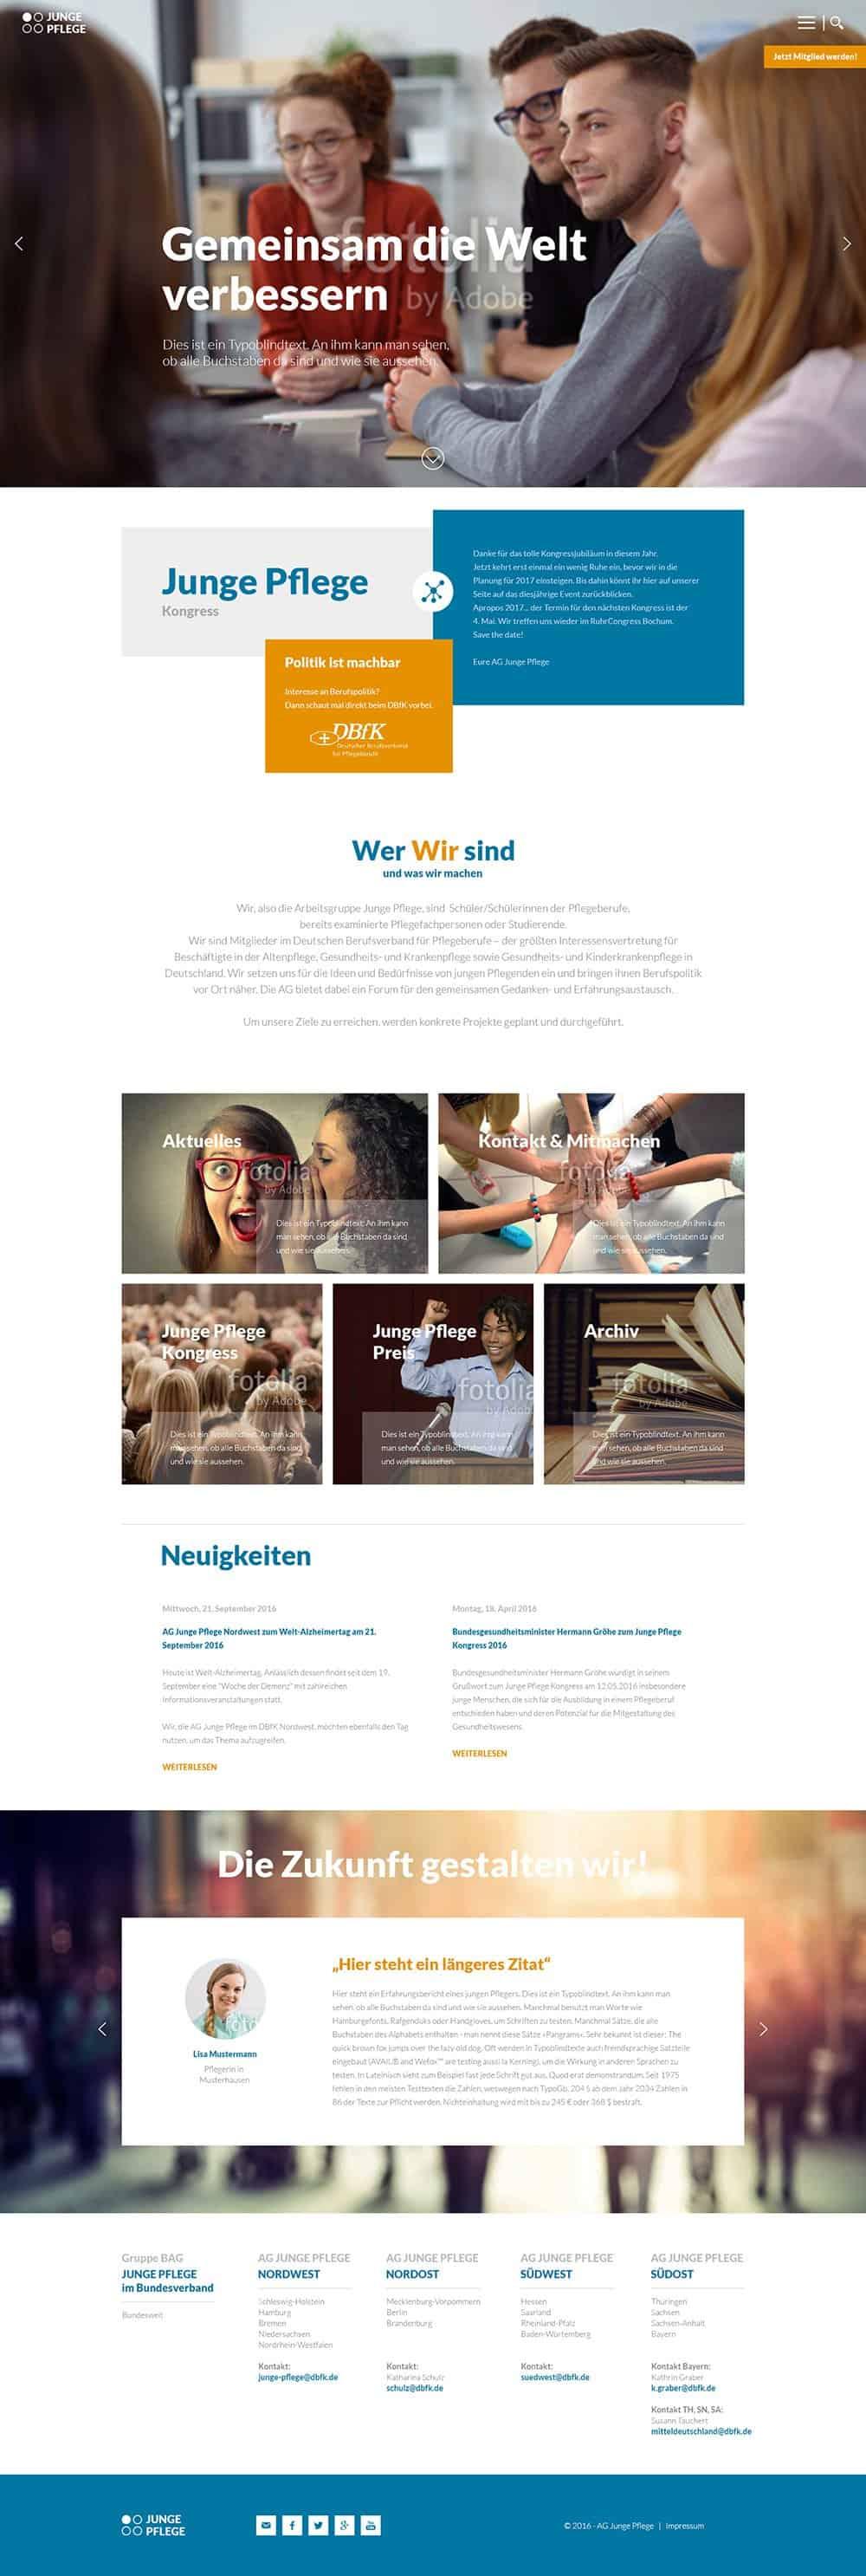 Webdesign Entwicklung BAG Junge Pflege